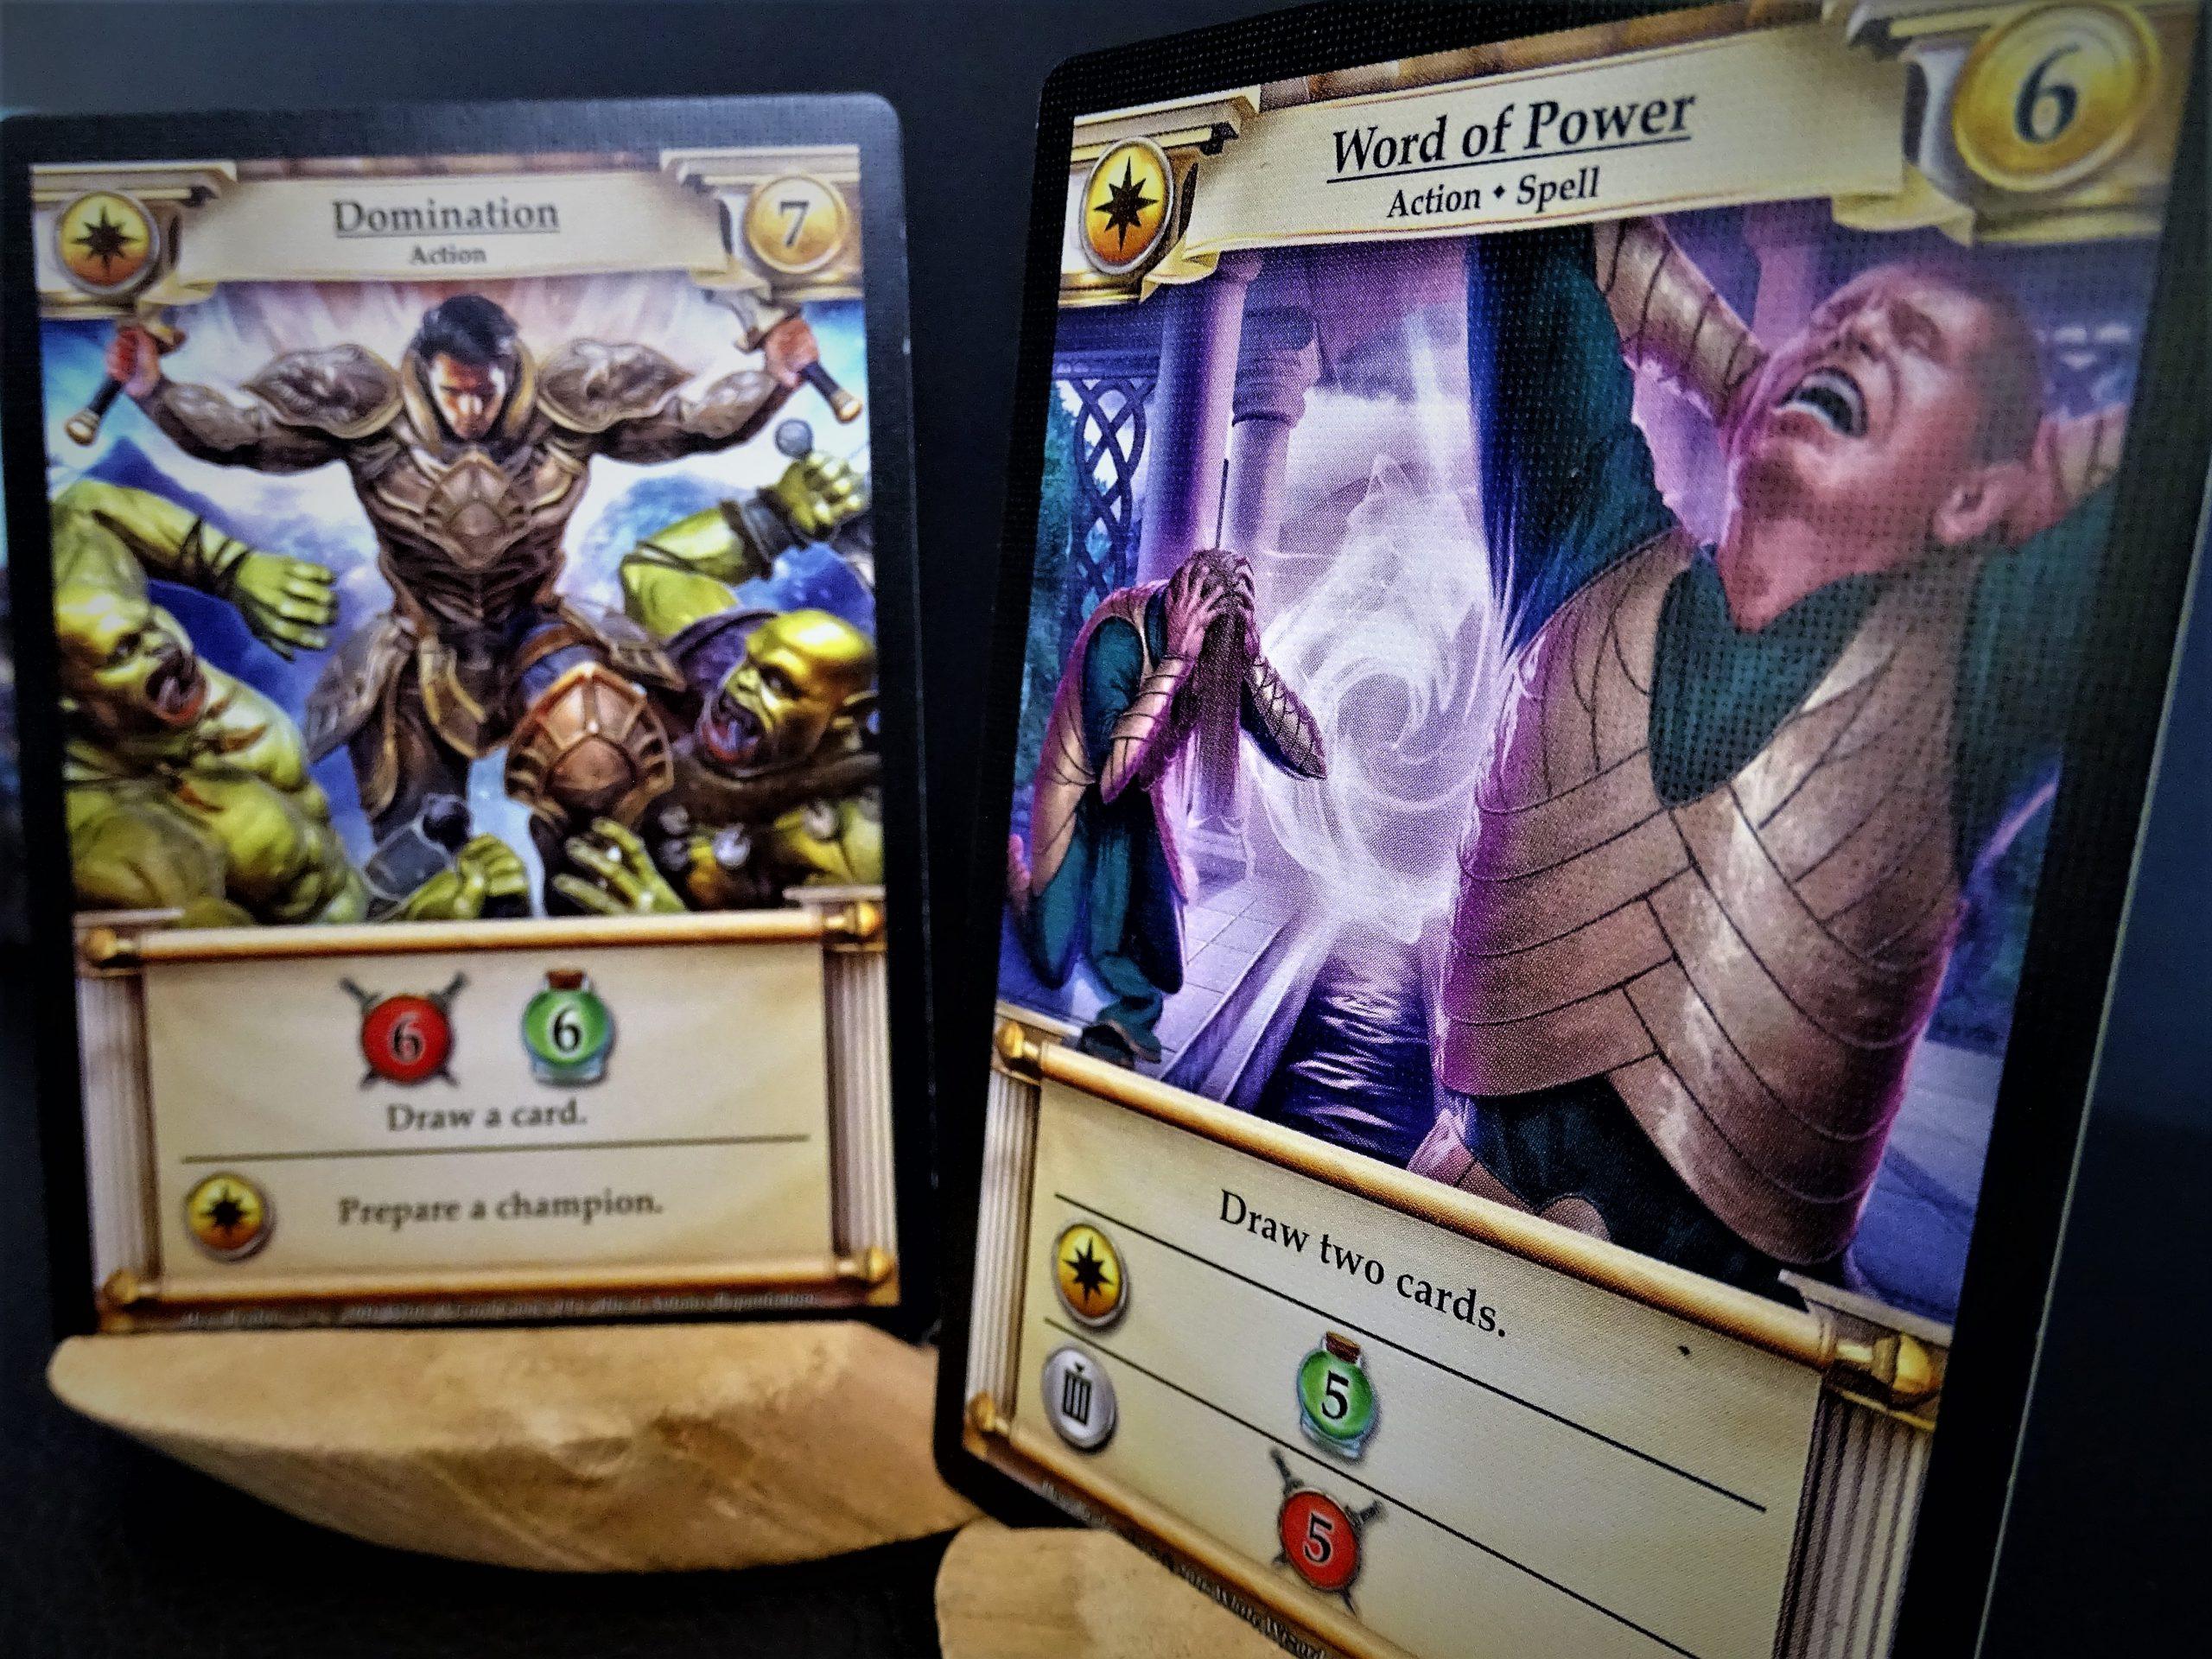 Zwei Karten gleicher Farbe setzen zusätzliche Aktionen frei.